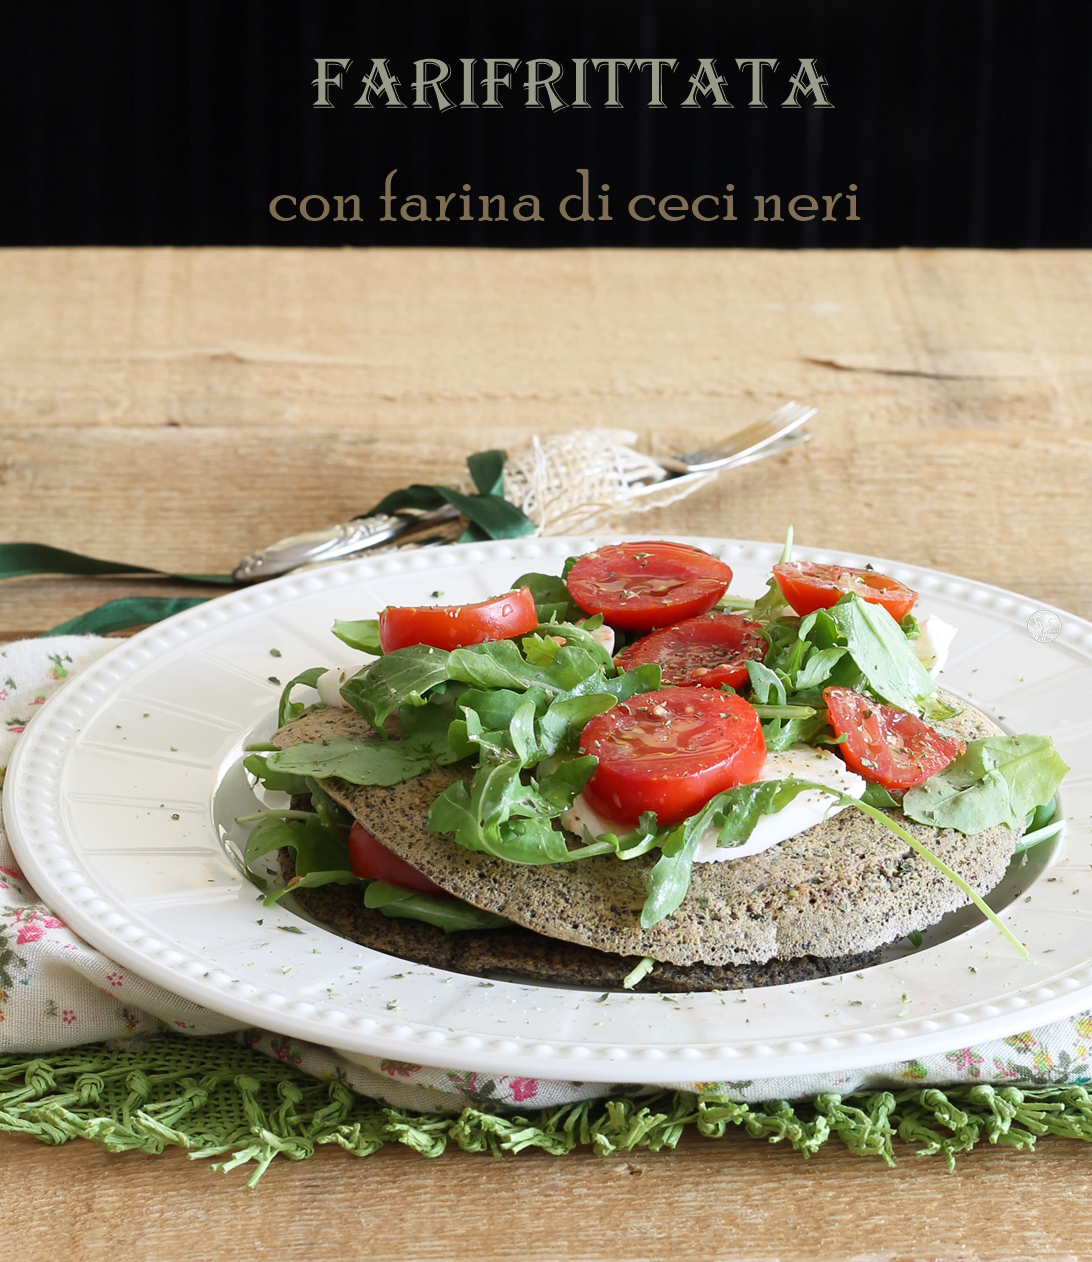 Frittata di ceci neri senza glutine - La Cassata Celiaca